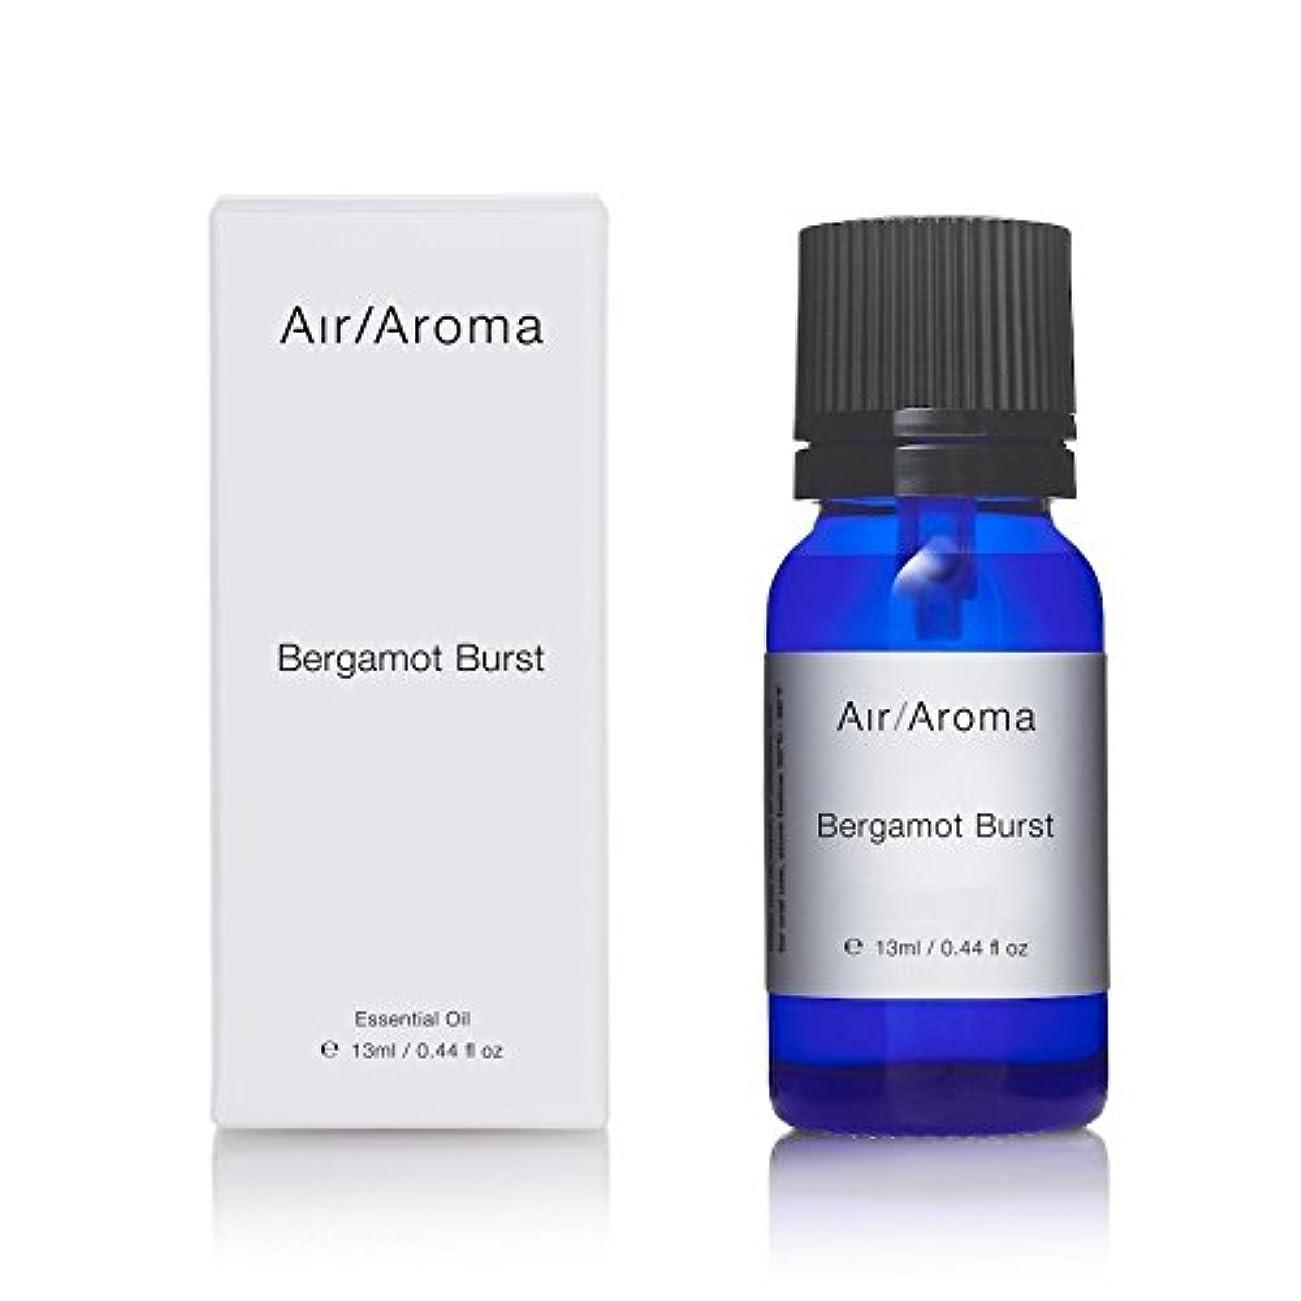 シードネックレット奇跡的なエアアロマ bergamot burst (ベルガモットバースト) 13ml